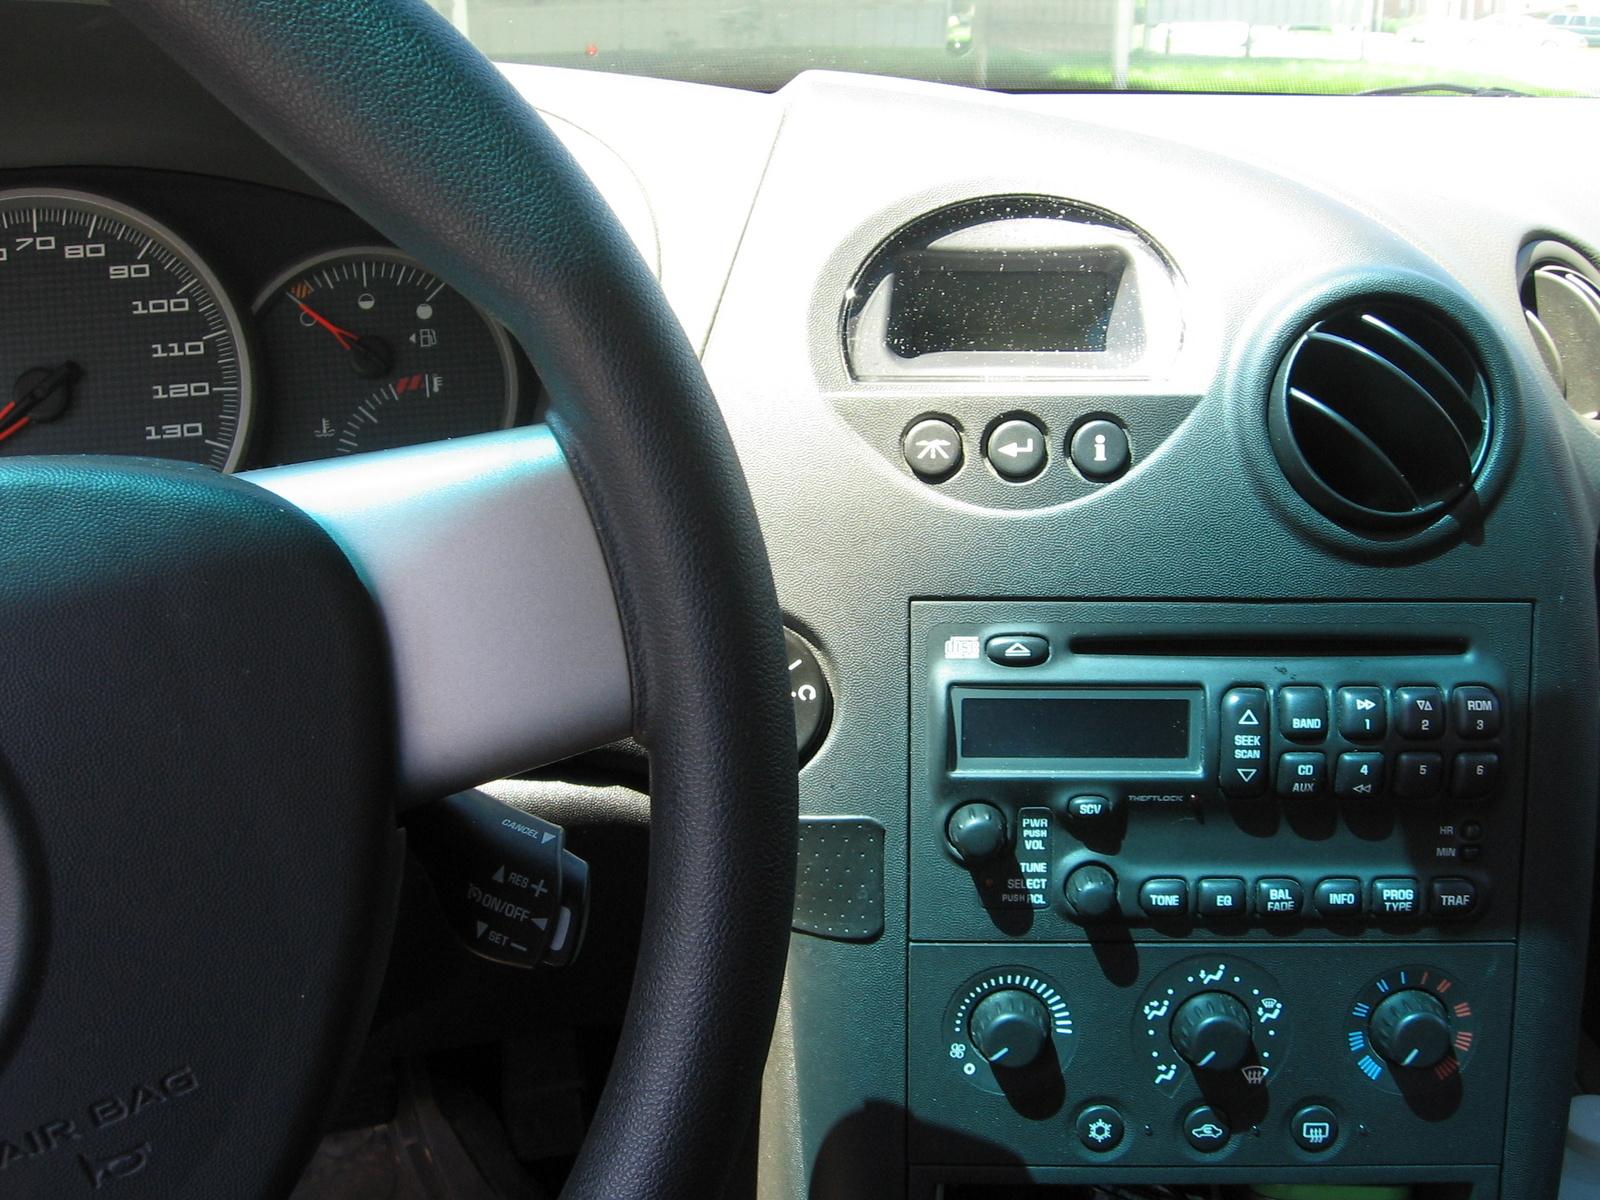 2005 Pontiac Grand Prix  Interior Pictures  CarGurus